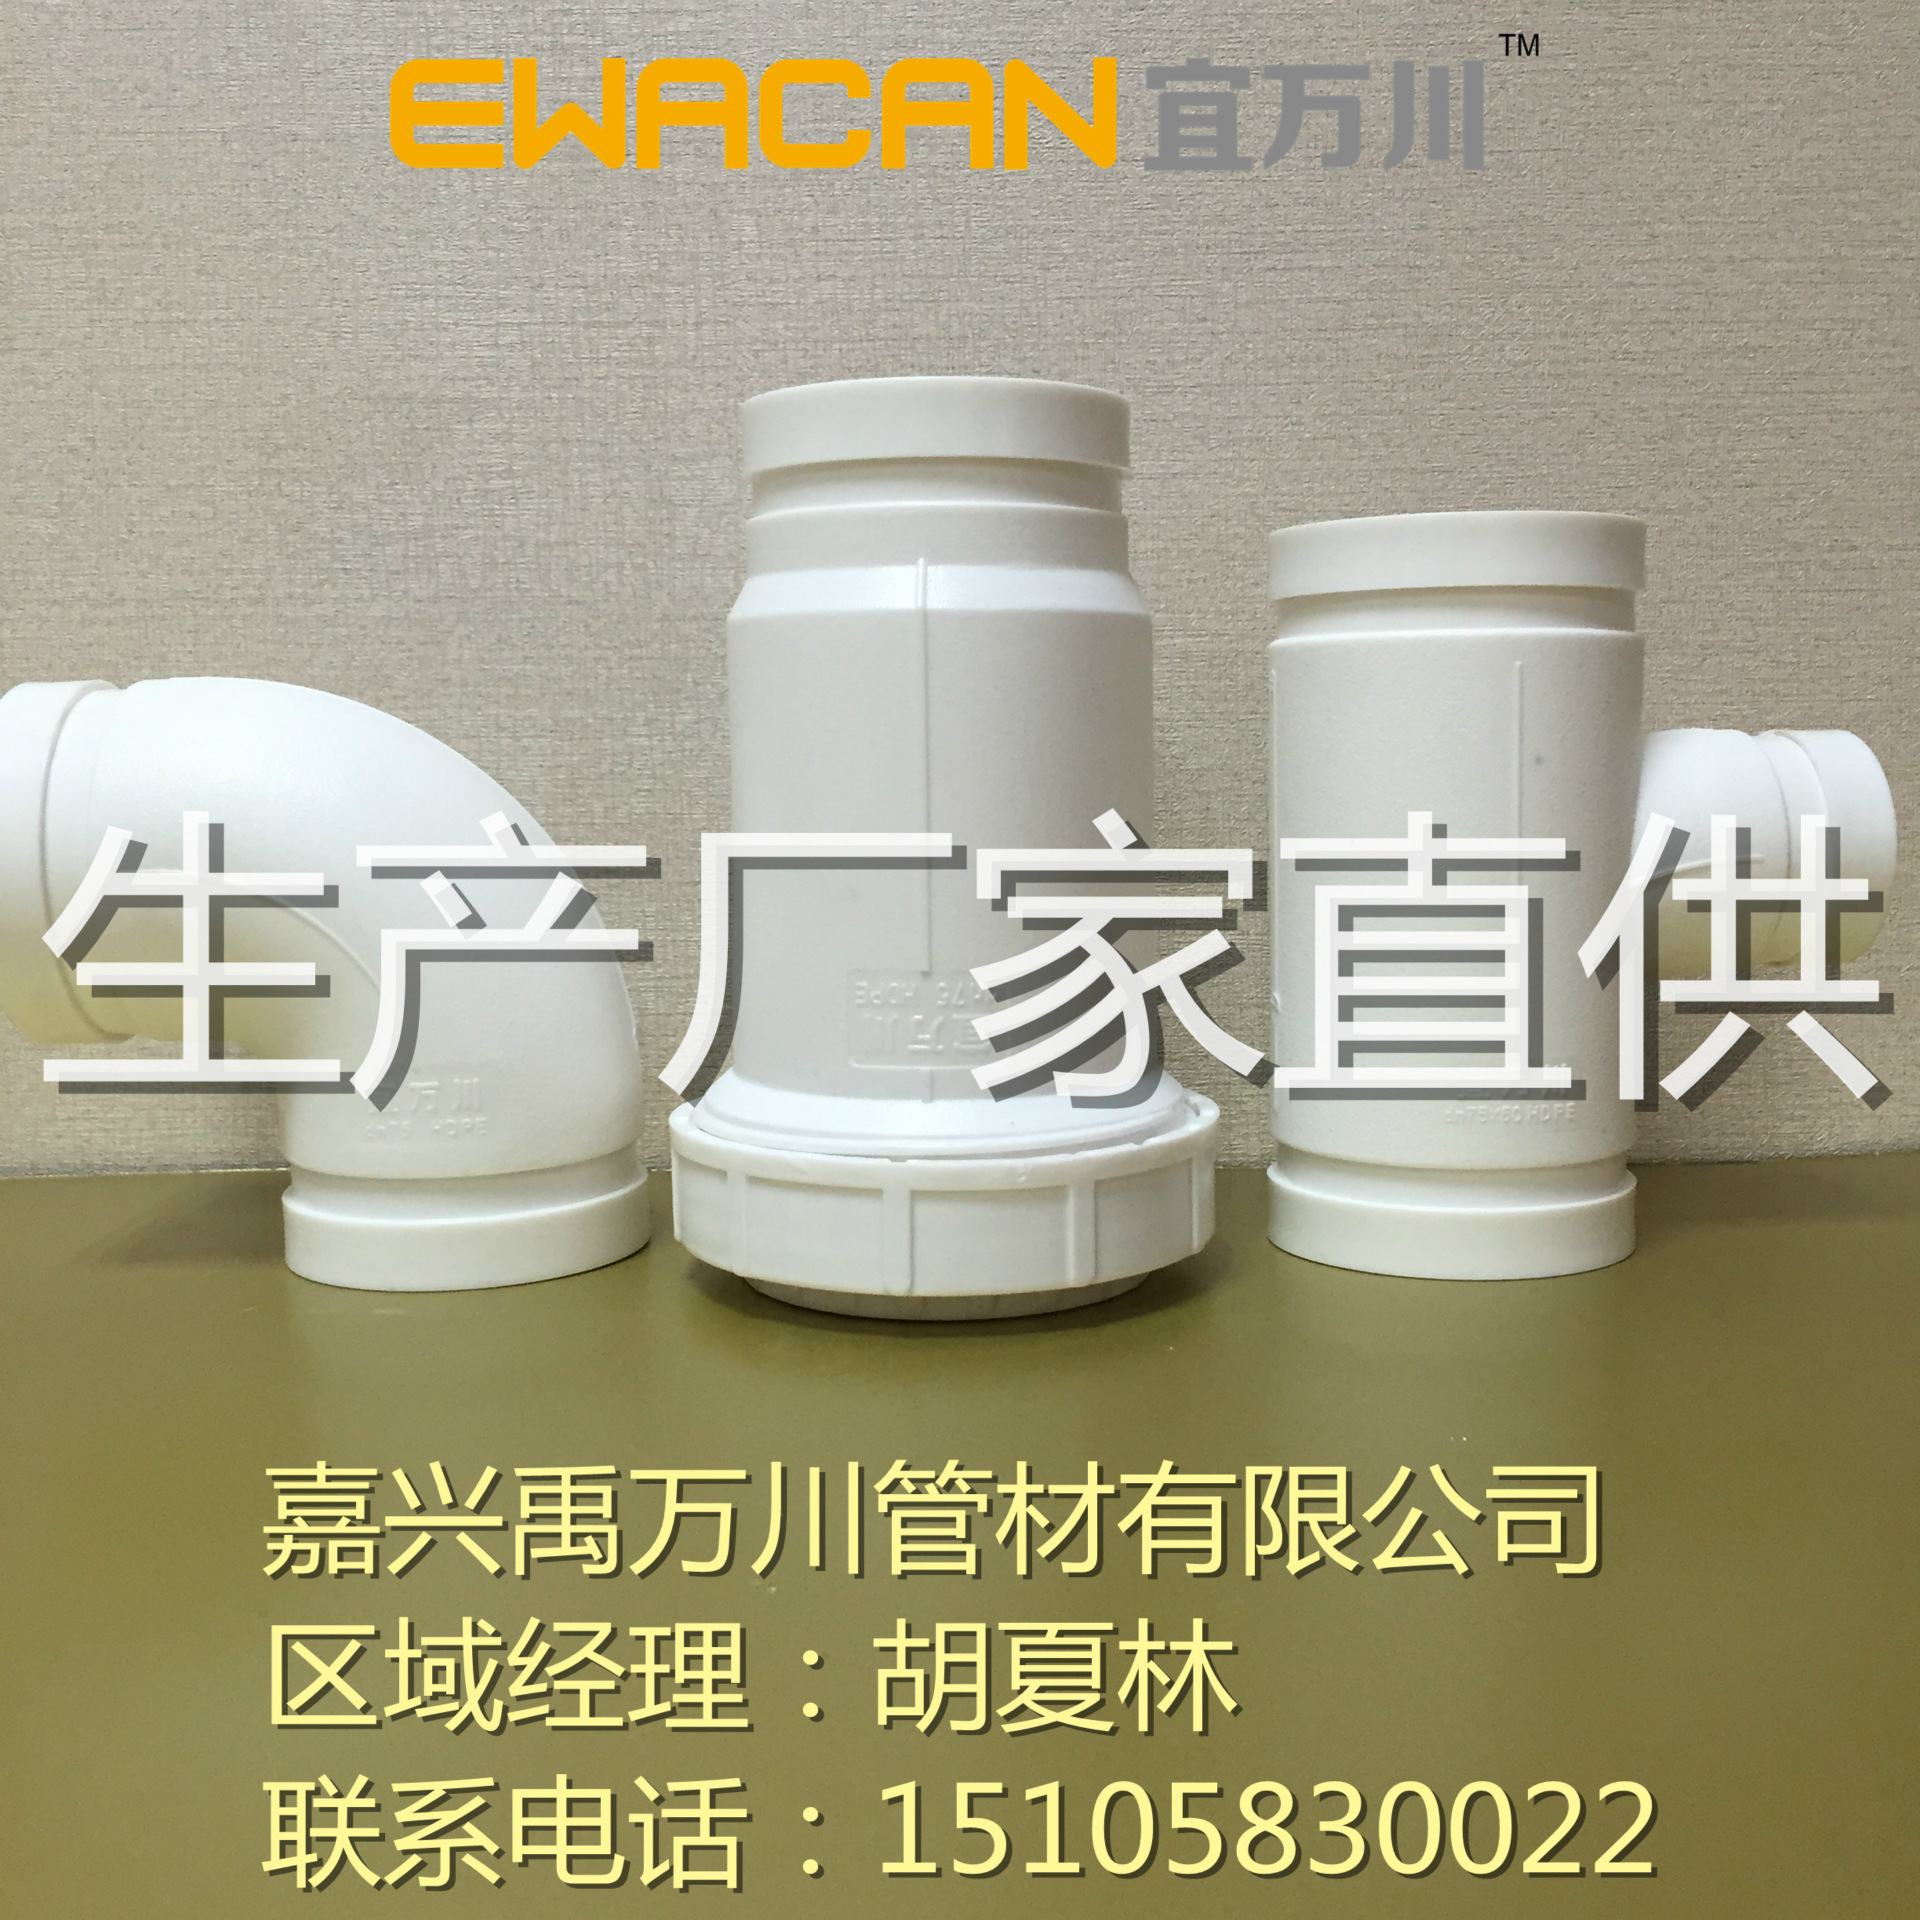 沟槽式HDPE超静音排水管,沟槽式伸缩节,HDPE沟槽管,宜万川PE管示例图1